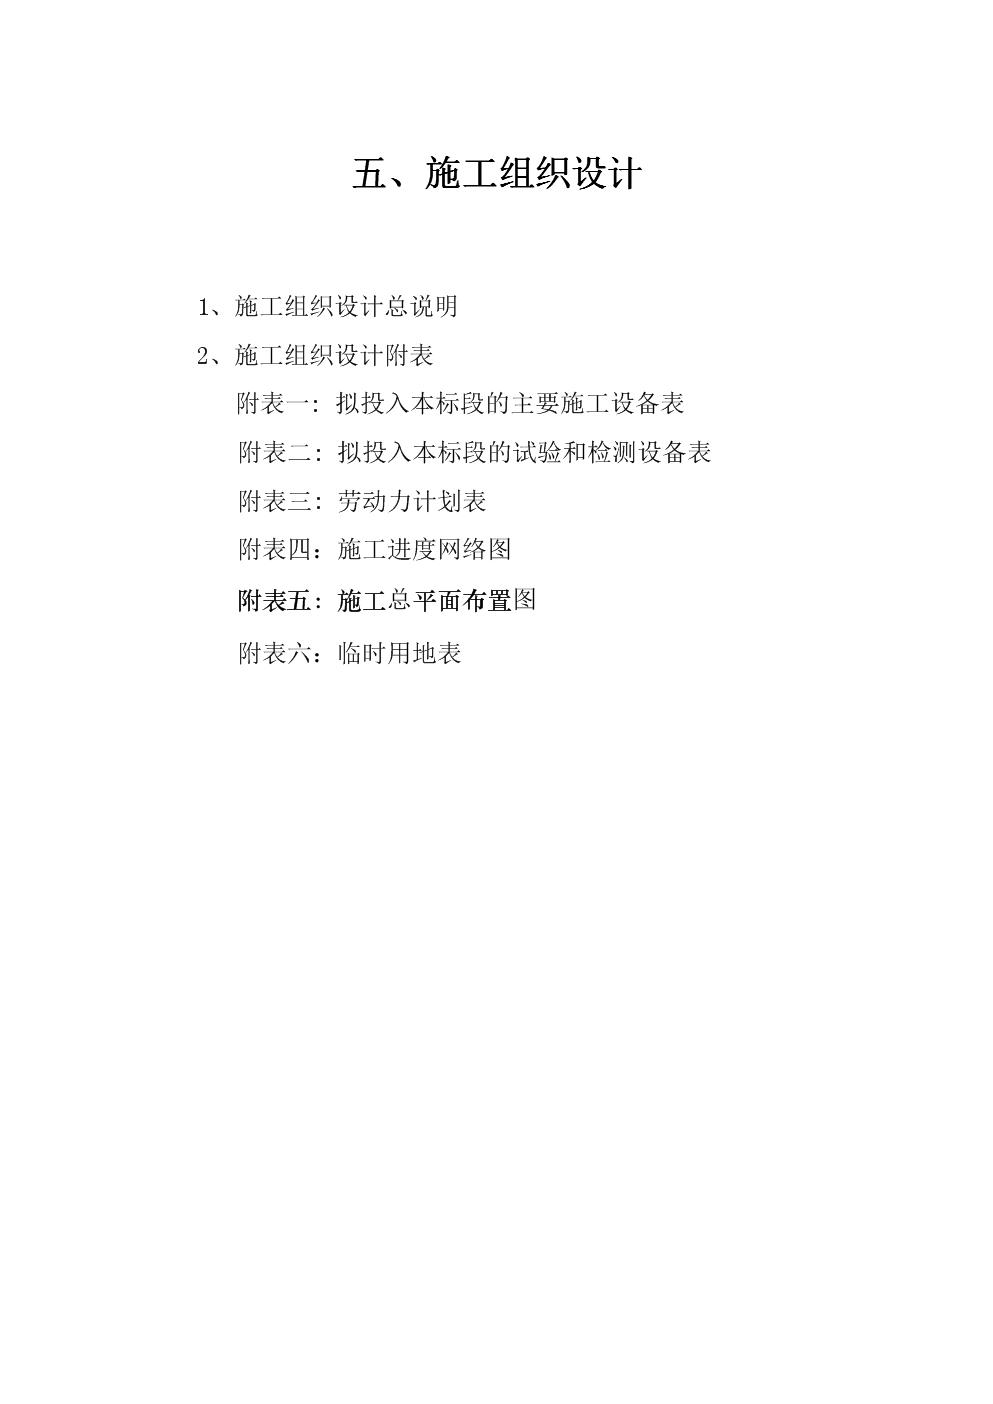 蓬安县徐家土地项目施工组织设计.doc